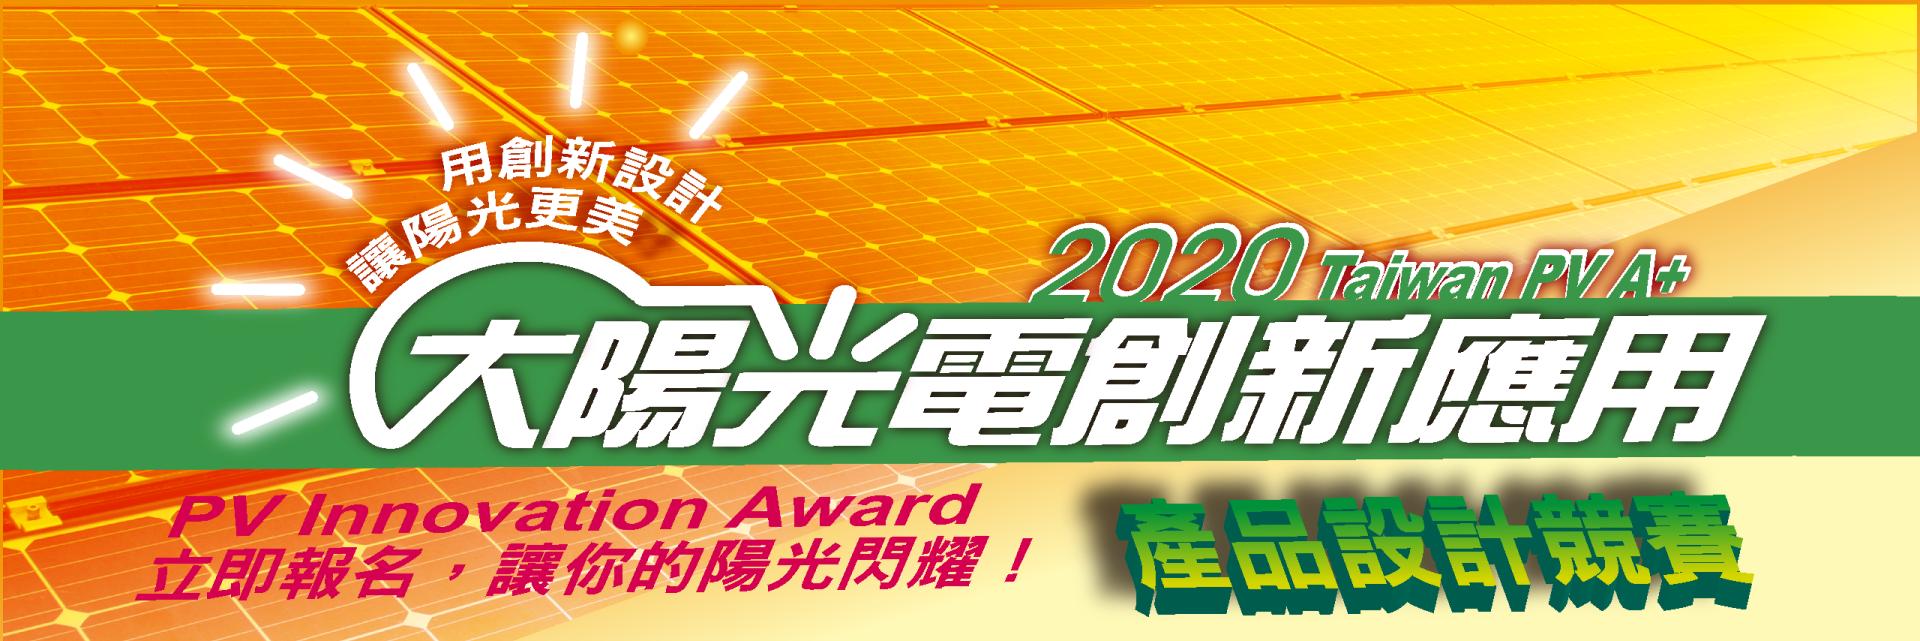 PVAward2020_banner